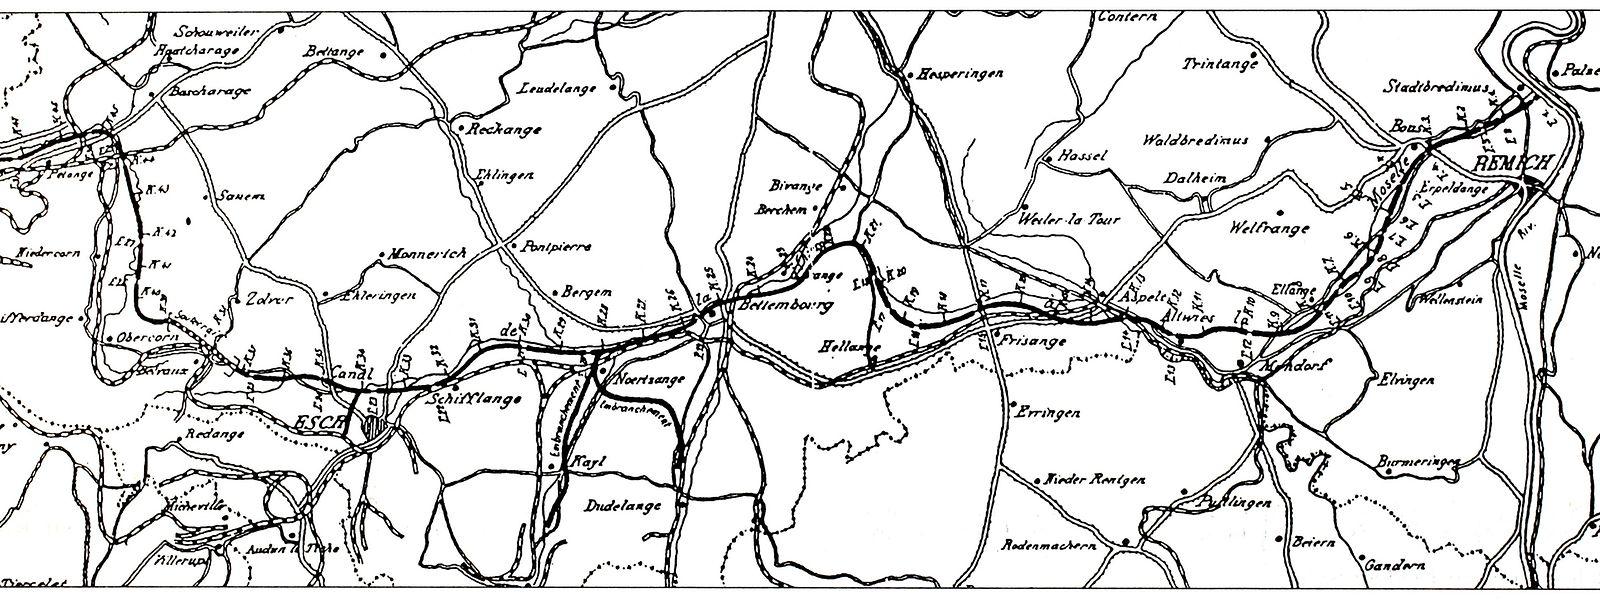 Der angedachte Verlauf des Kanals zwischen Rodange und Stadtbredimus.